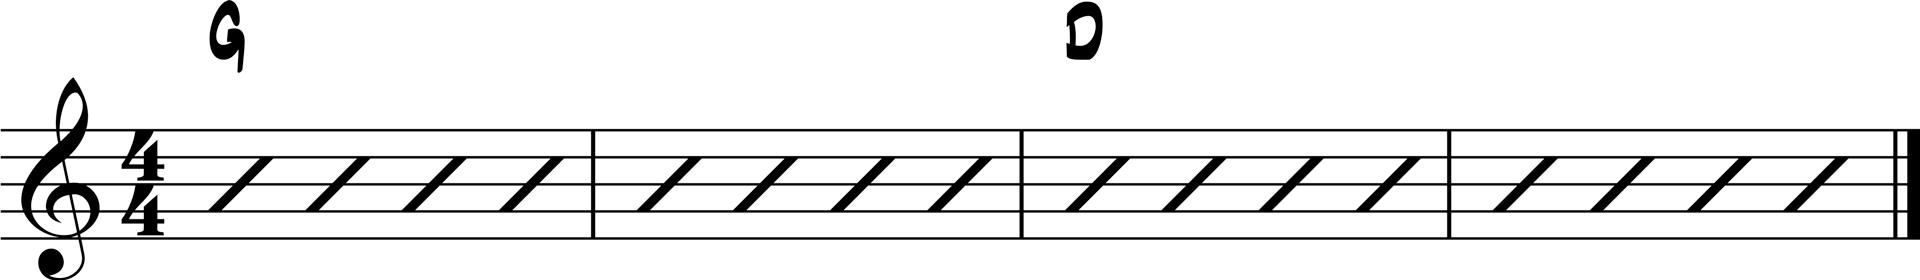 G D Chords